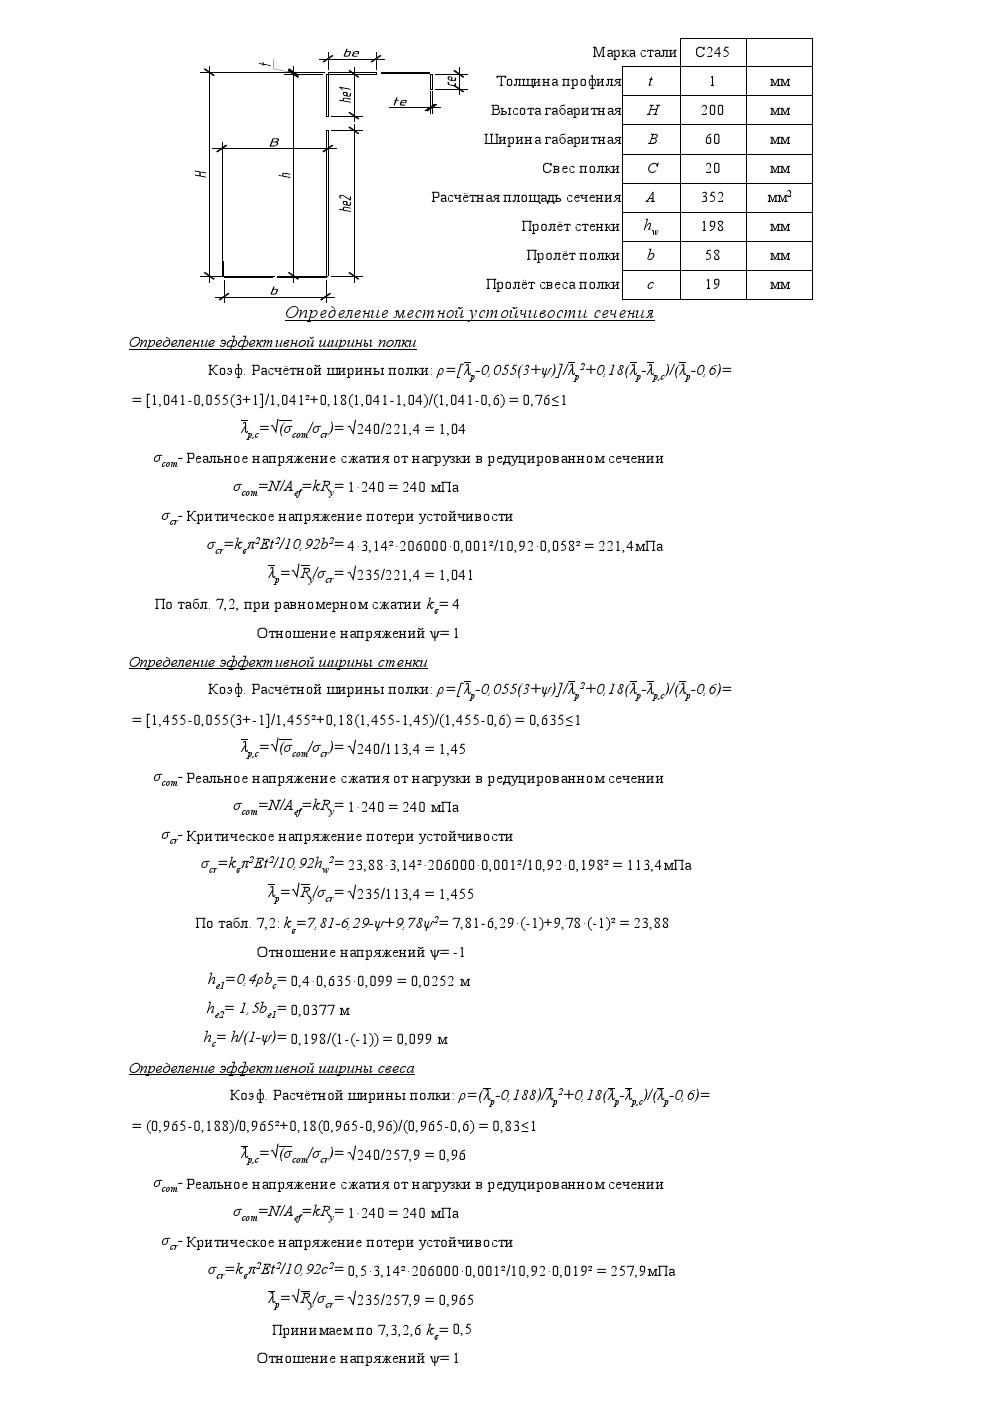 Эффективное сечение ЛСТК при изгибе - 1